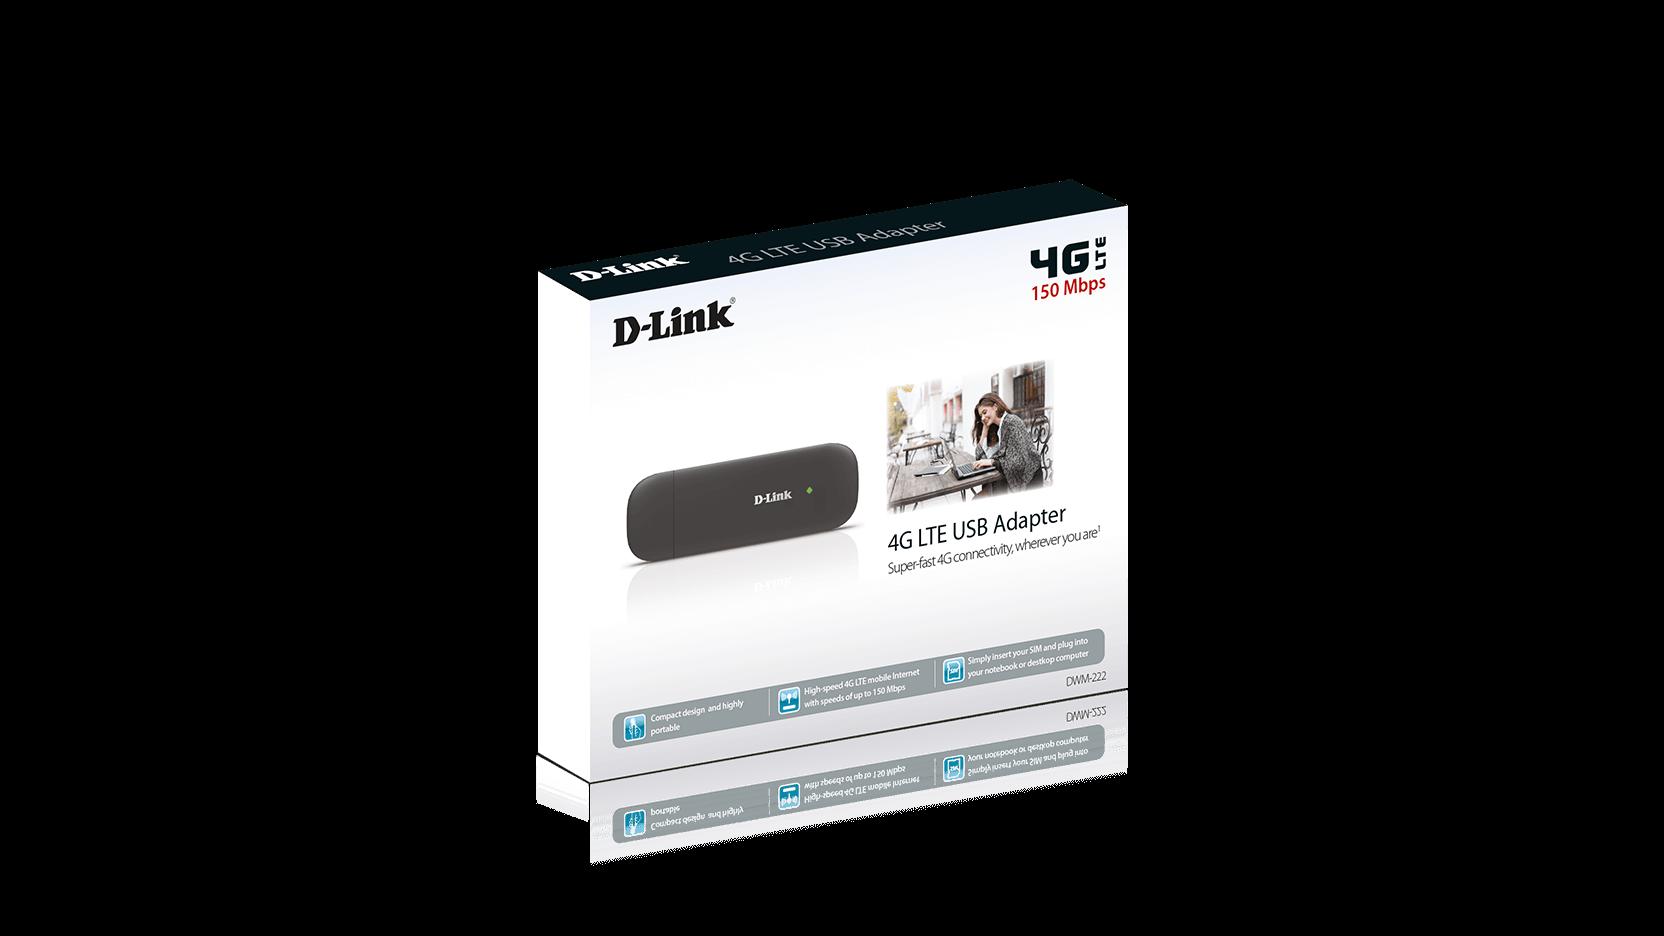 d link dwm 222 wireless cellular modem 4g lte usb 2 0 150 mbps dwm